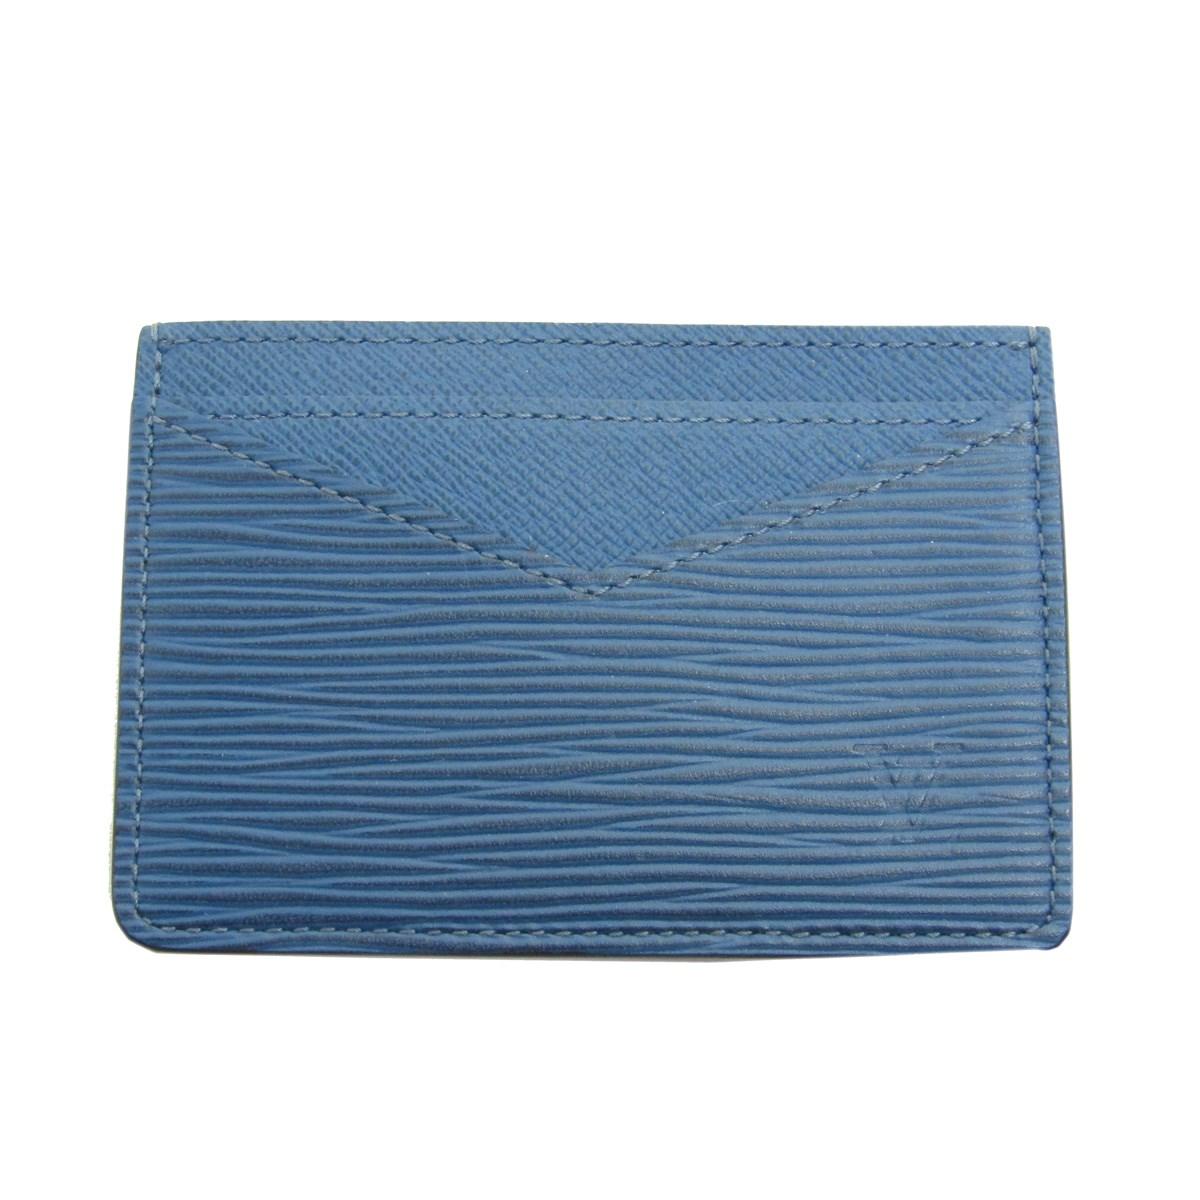 【中古】LOUIS VUITTONネオポルトカルト レザーカードケース CT5116 ブルー